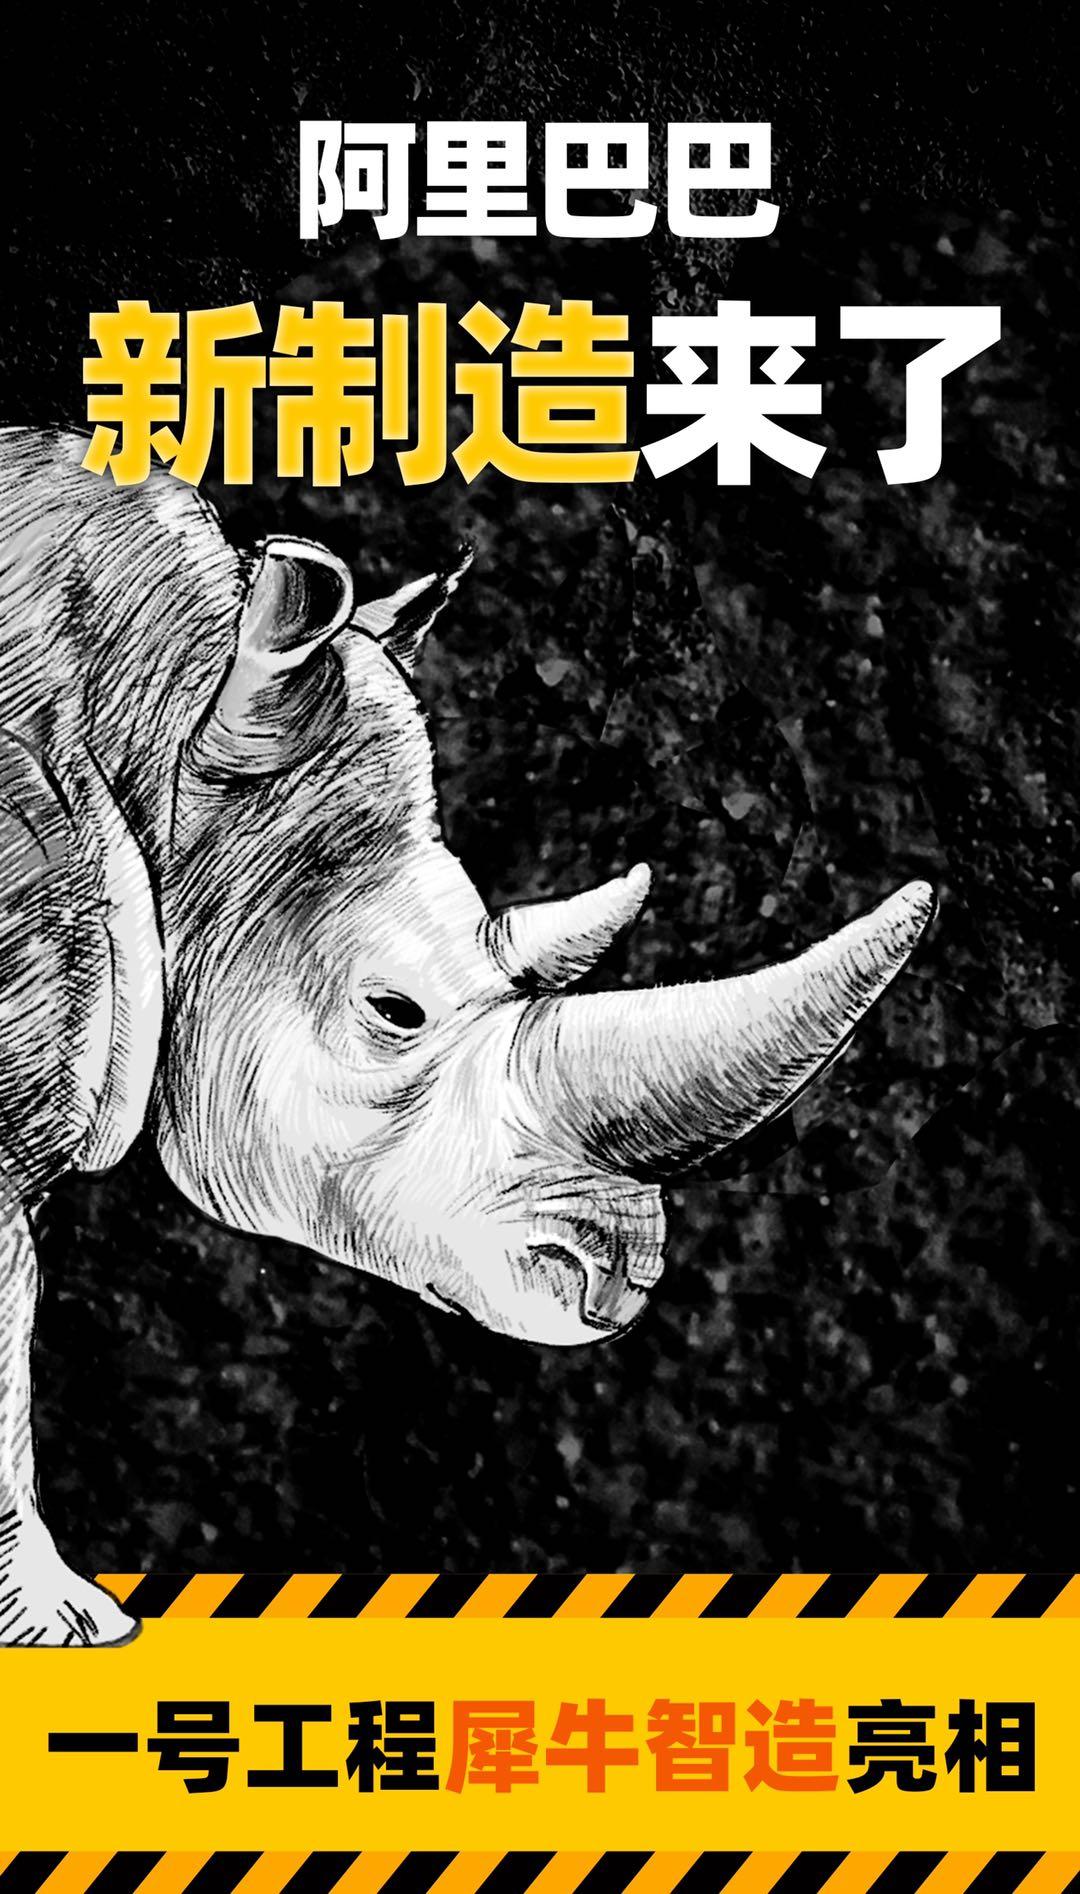 """阿里动物园神秘动物揭晓,C2M概念要成A股""""爆款""""?(附股)丨行业风口"""